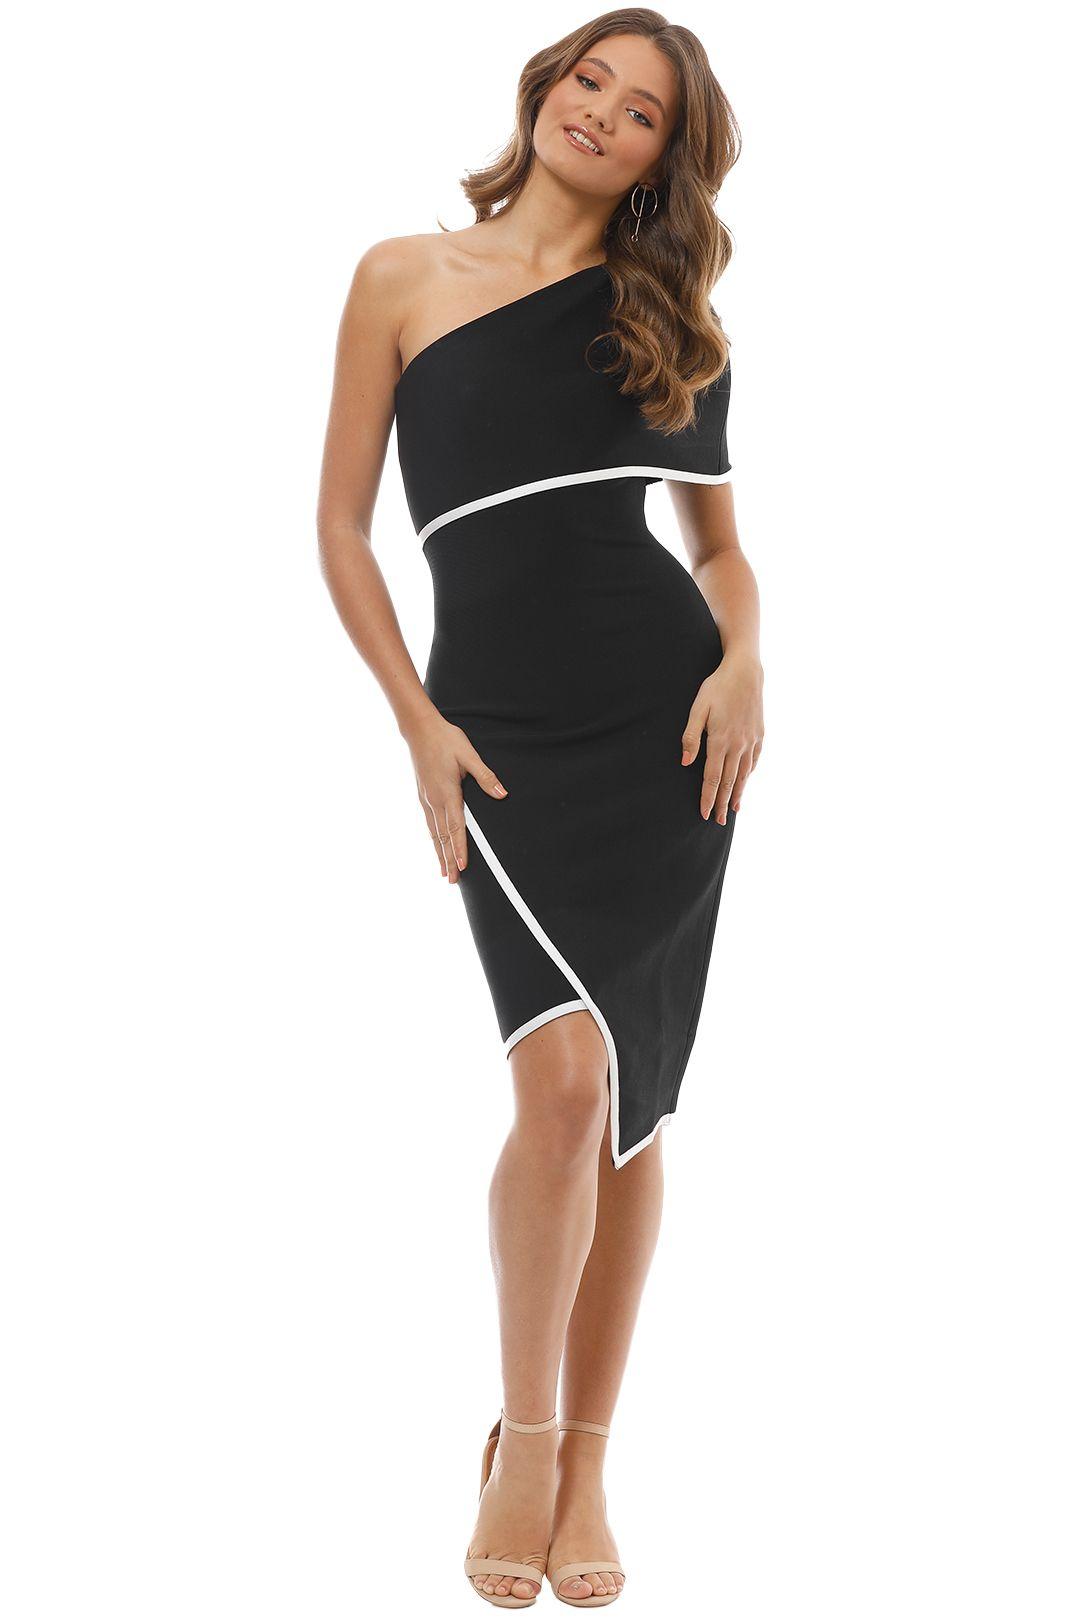 Elliatt - Emily Dress - Black White - Front